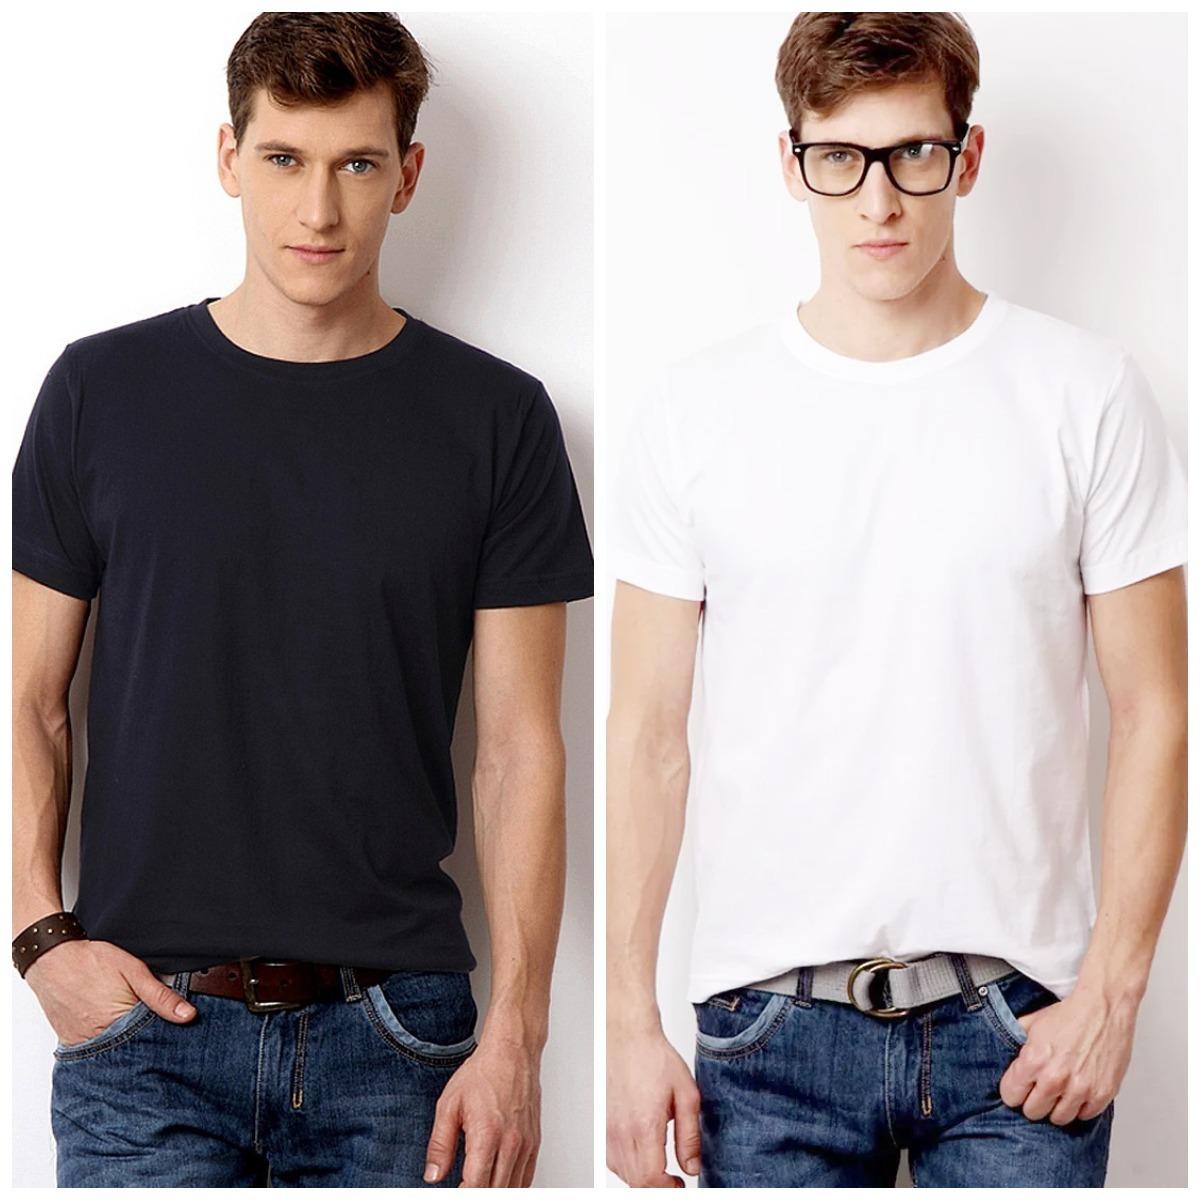 camiseta 100% algodão fio 30.1 penteado gramatura 165 camisa. Carregando  zoom. f5a5e6af724